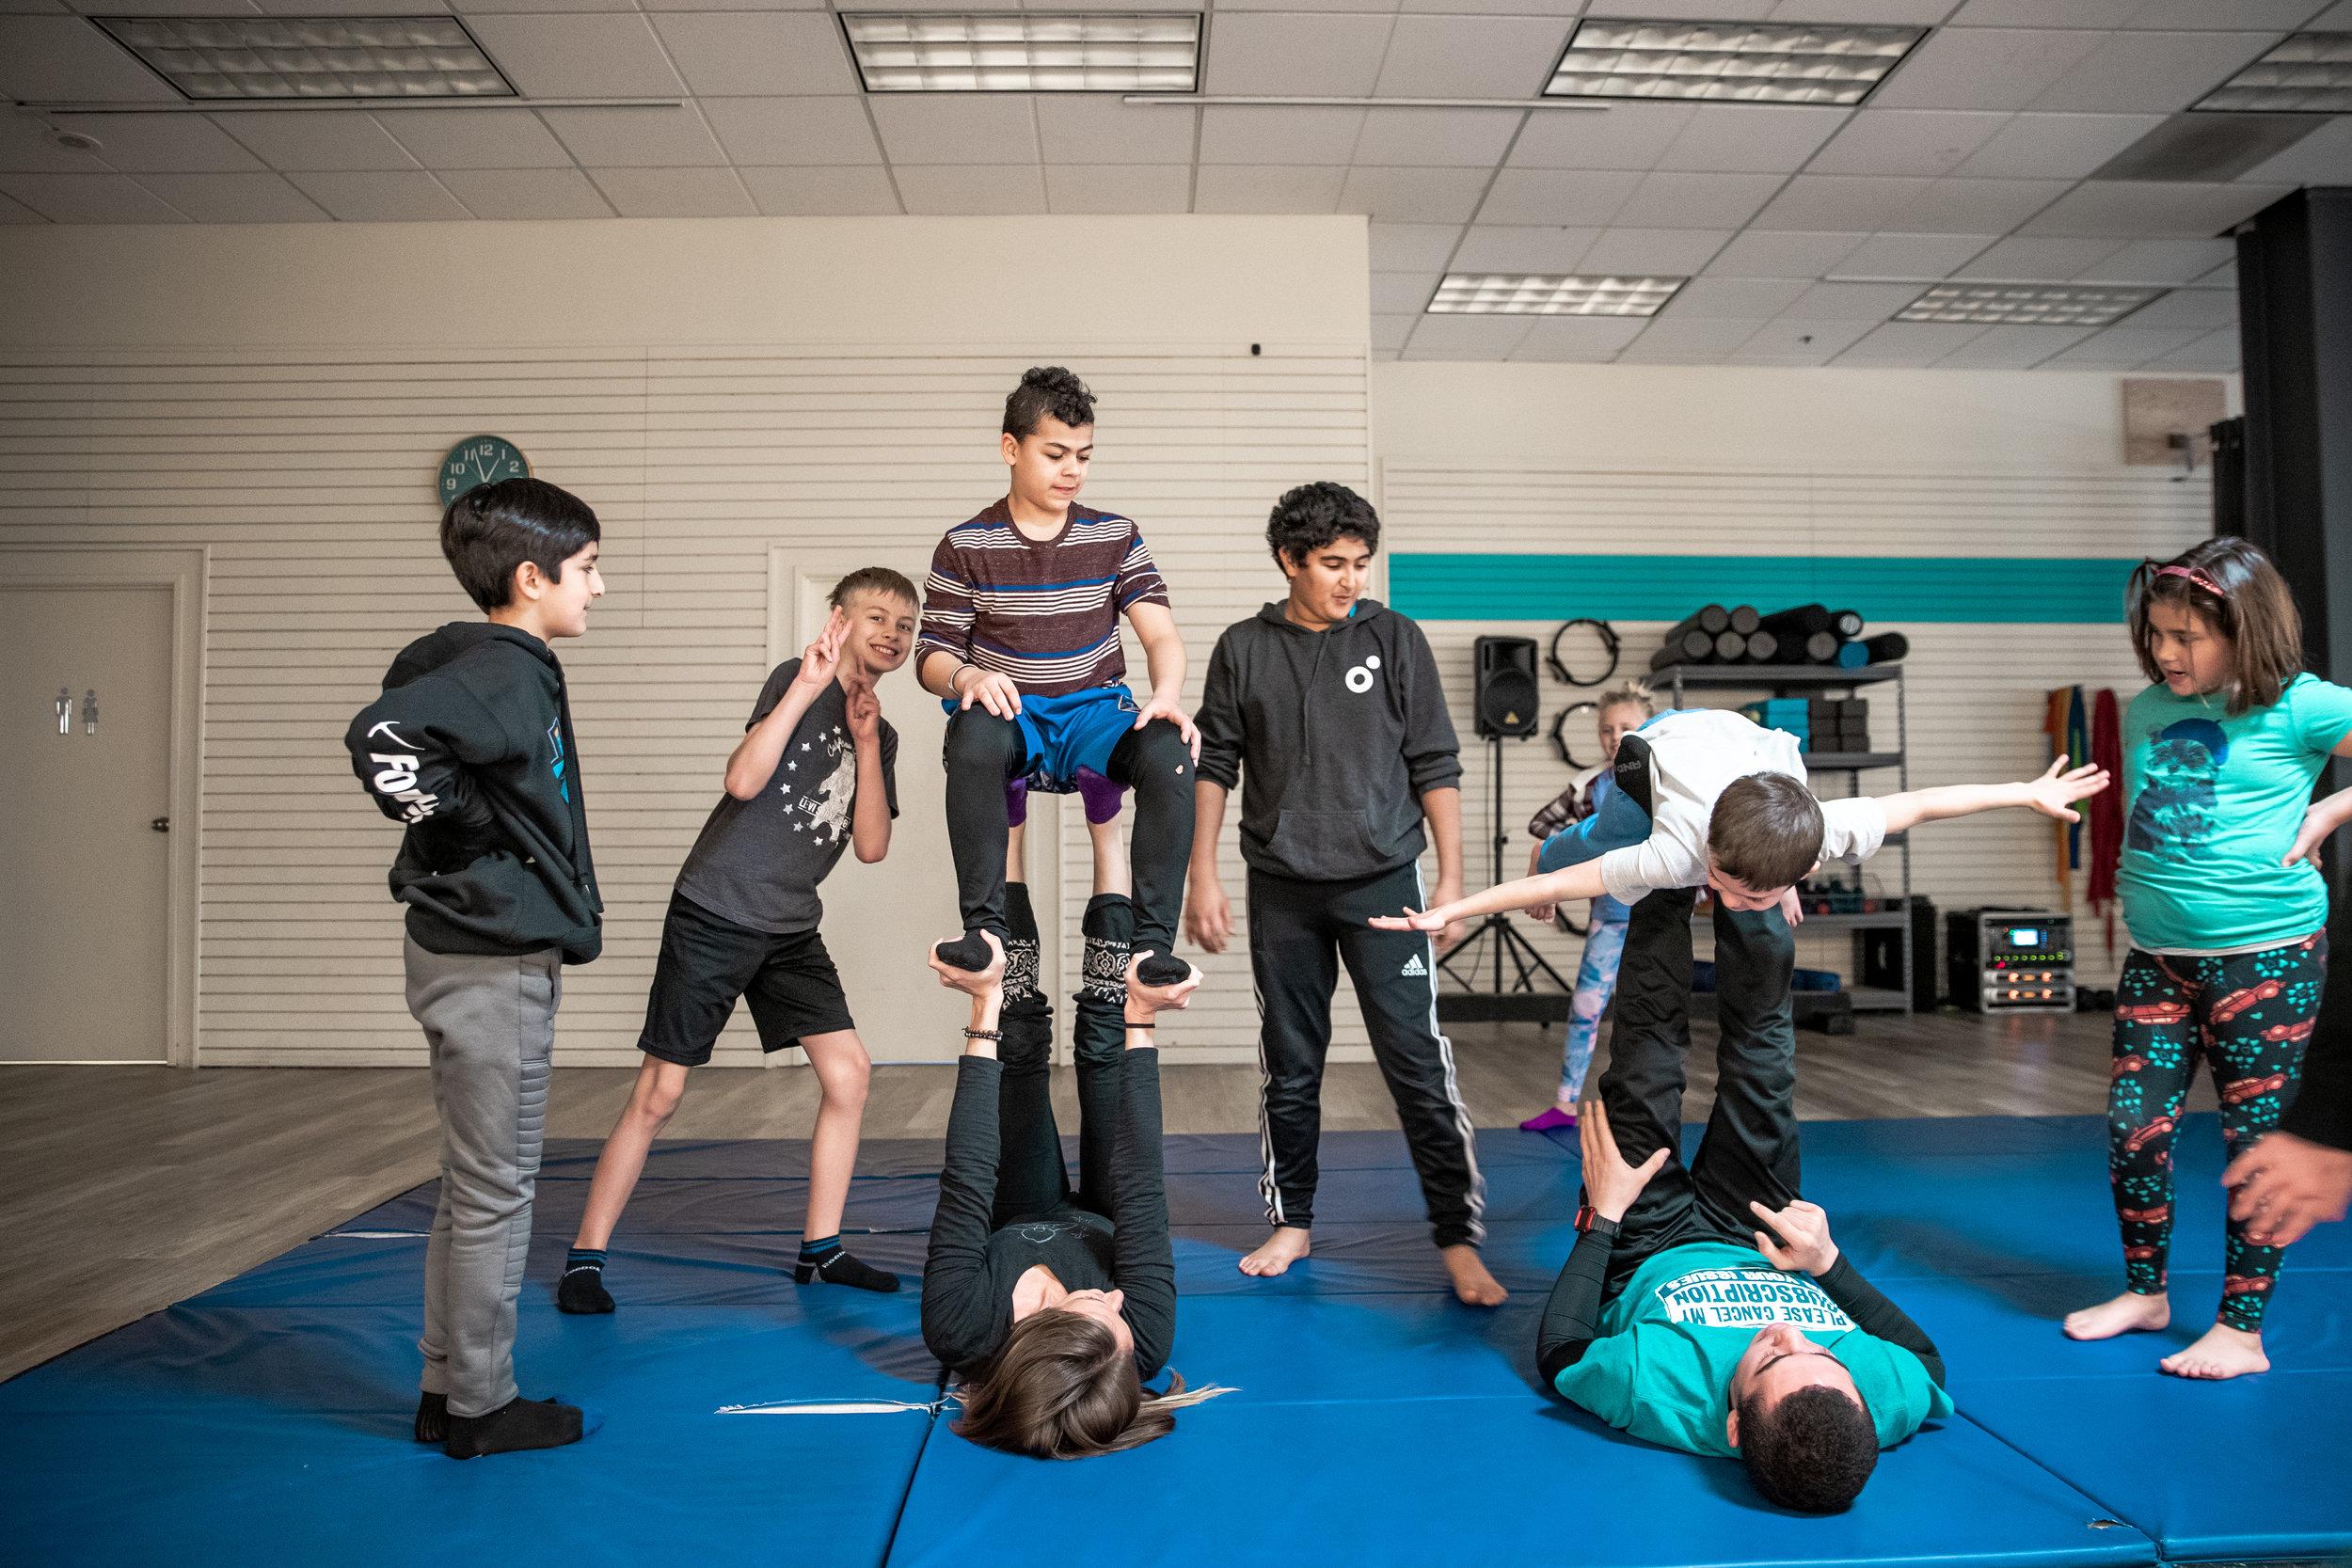 acro yogis -